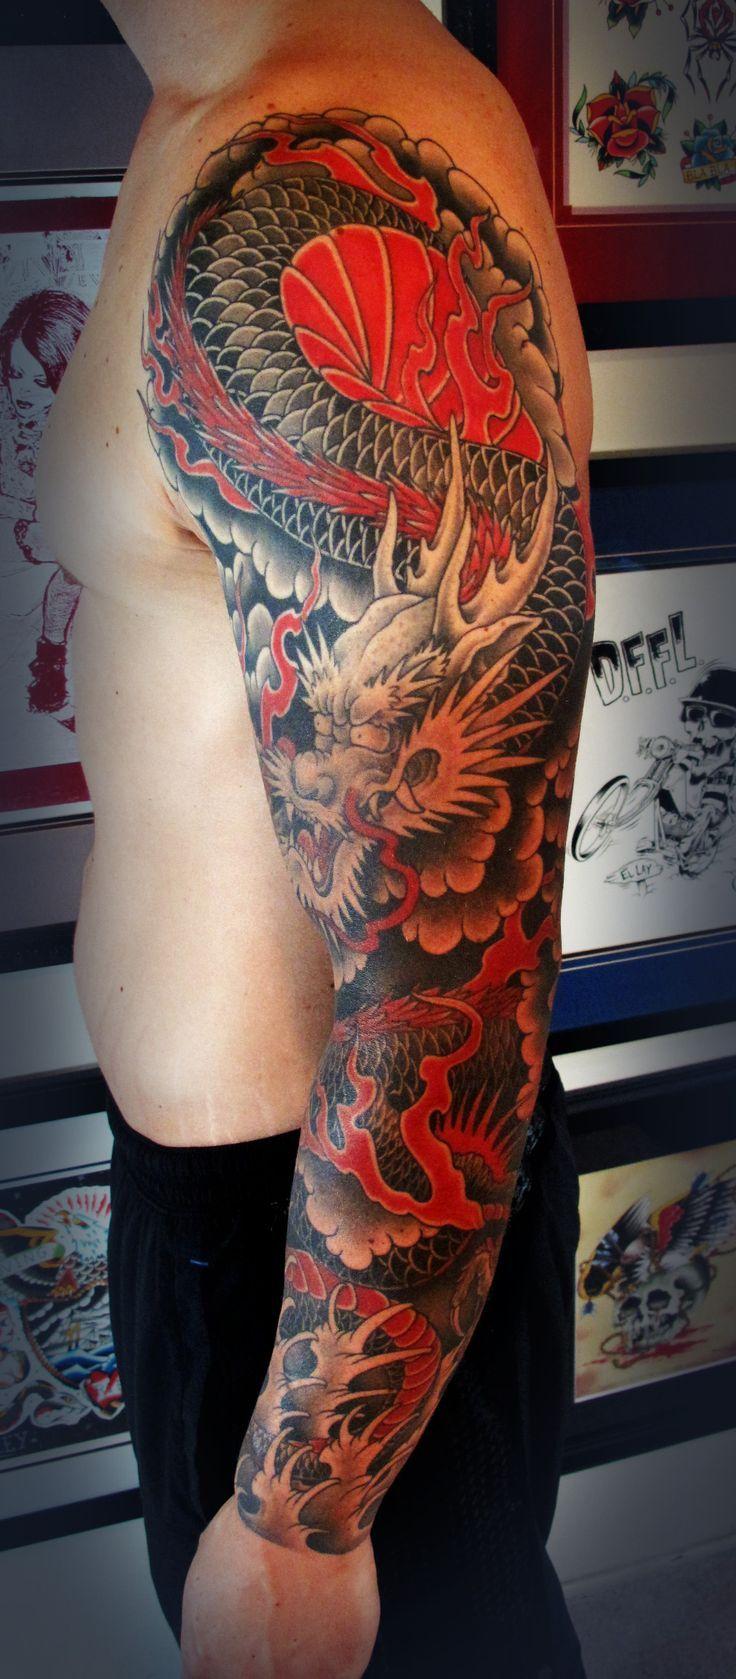 20 Rad Dragon Tats http://drinkmicro.com/ | Tattoos | Pinterest ...